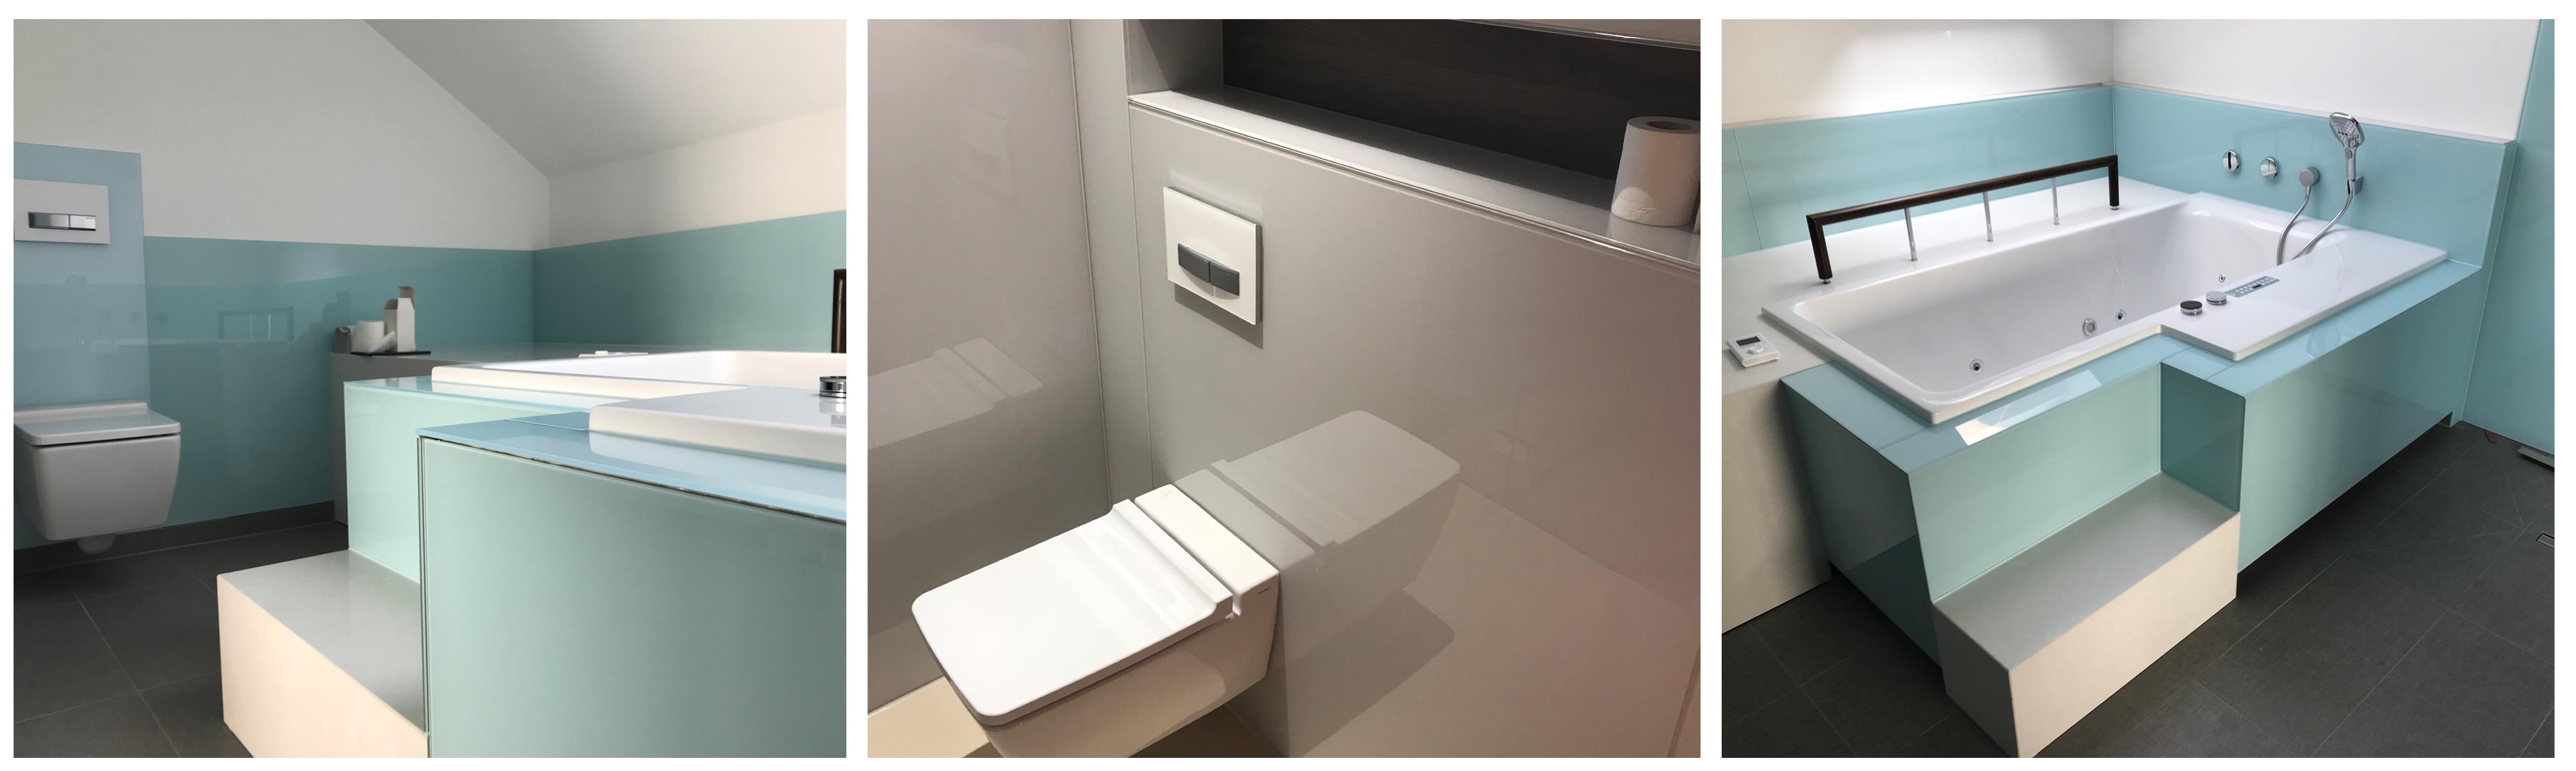 Glasrückwand für Dusche & Bad vom Fachbetrieb   Glas Hetterich